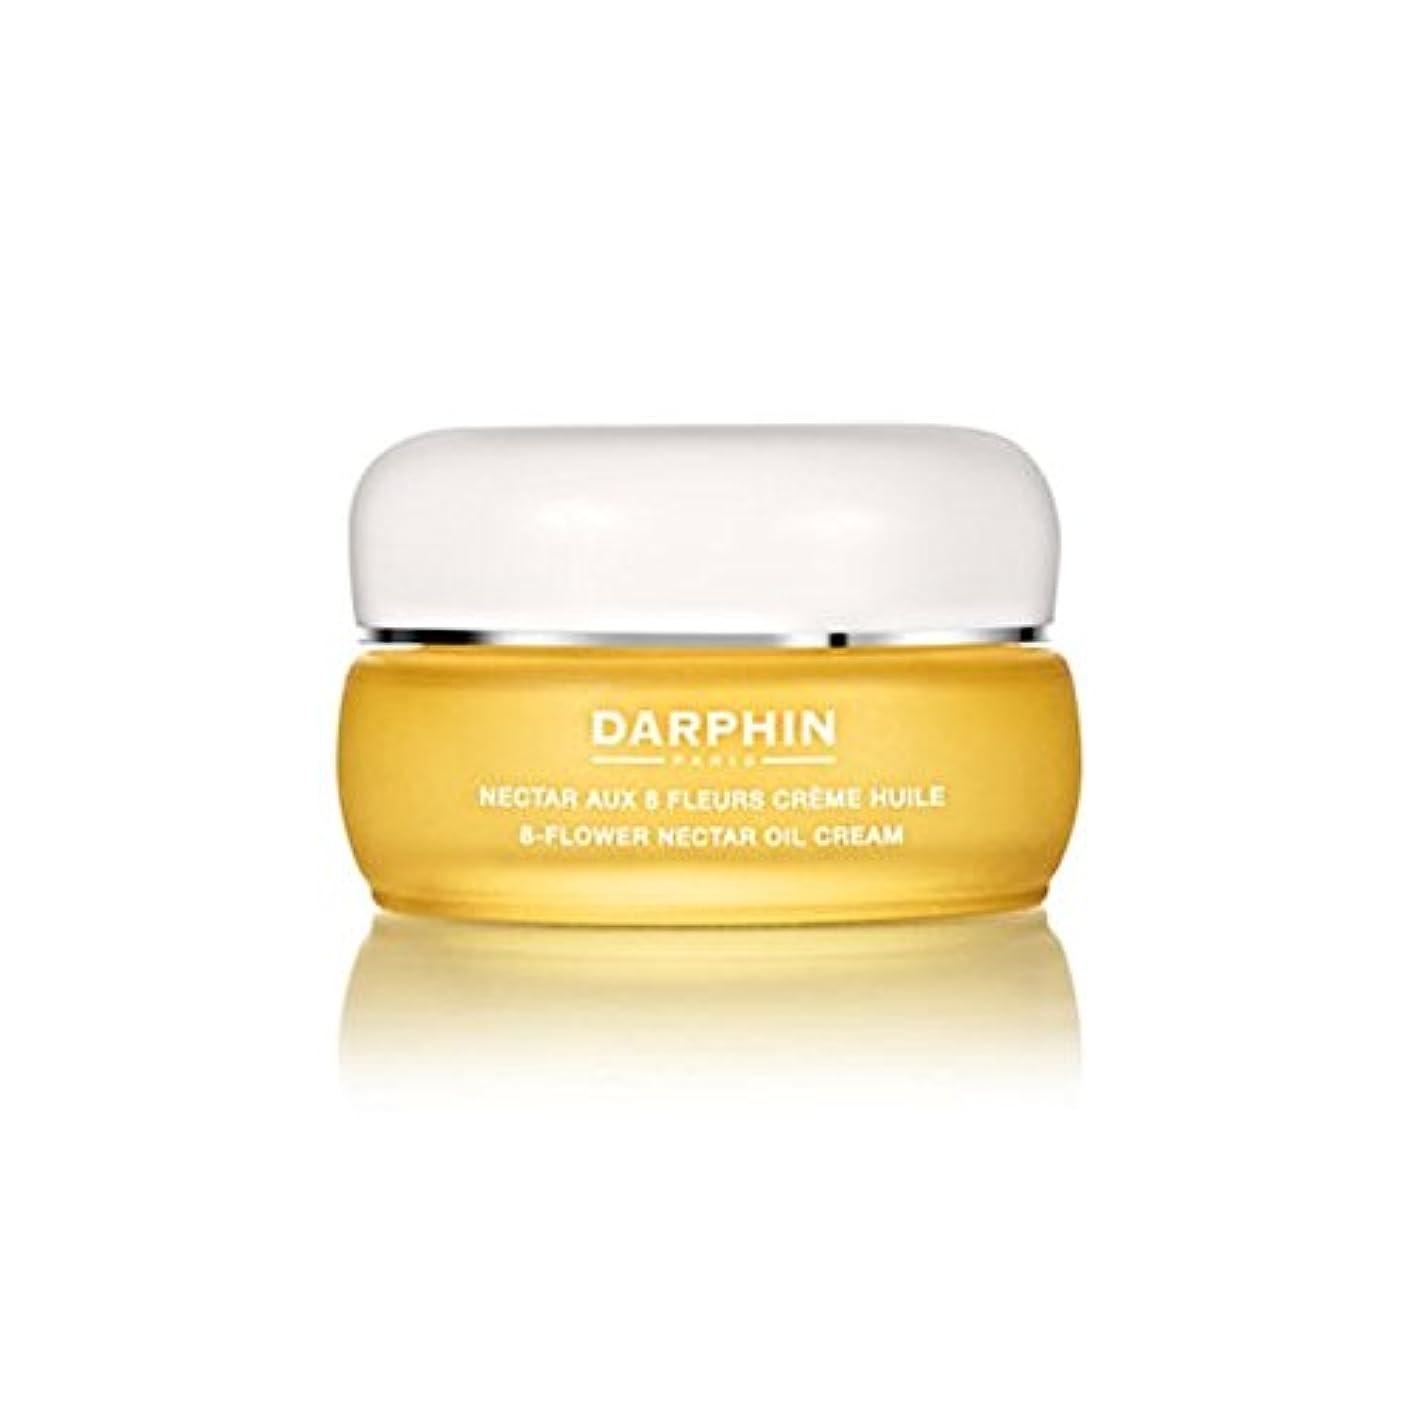 マニフェスト枯渇する泥沼ダルファン8フラワー油クリーム(30ミリリットル) x4 - Darphin 8-Flower Oil Cream (30ml) (Pack of 4) [並行輸入品]